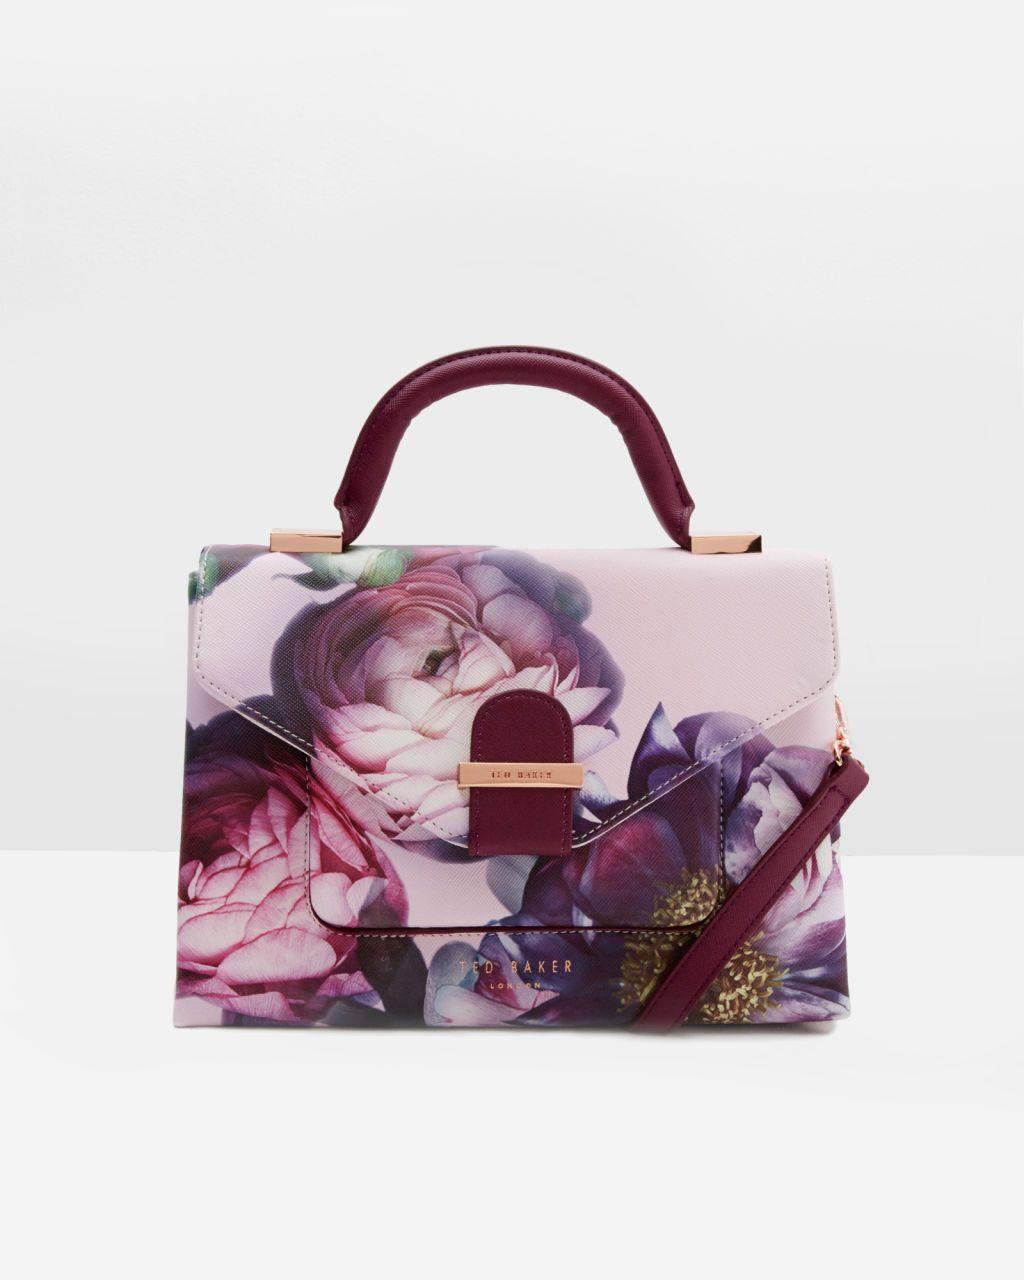 Ted Baker Sunlit Floral crosshatch tote bag $185 | Bags